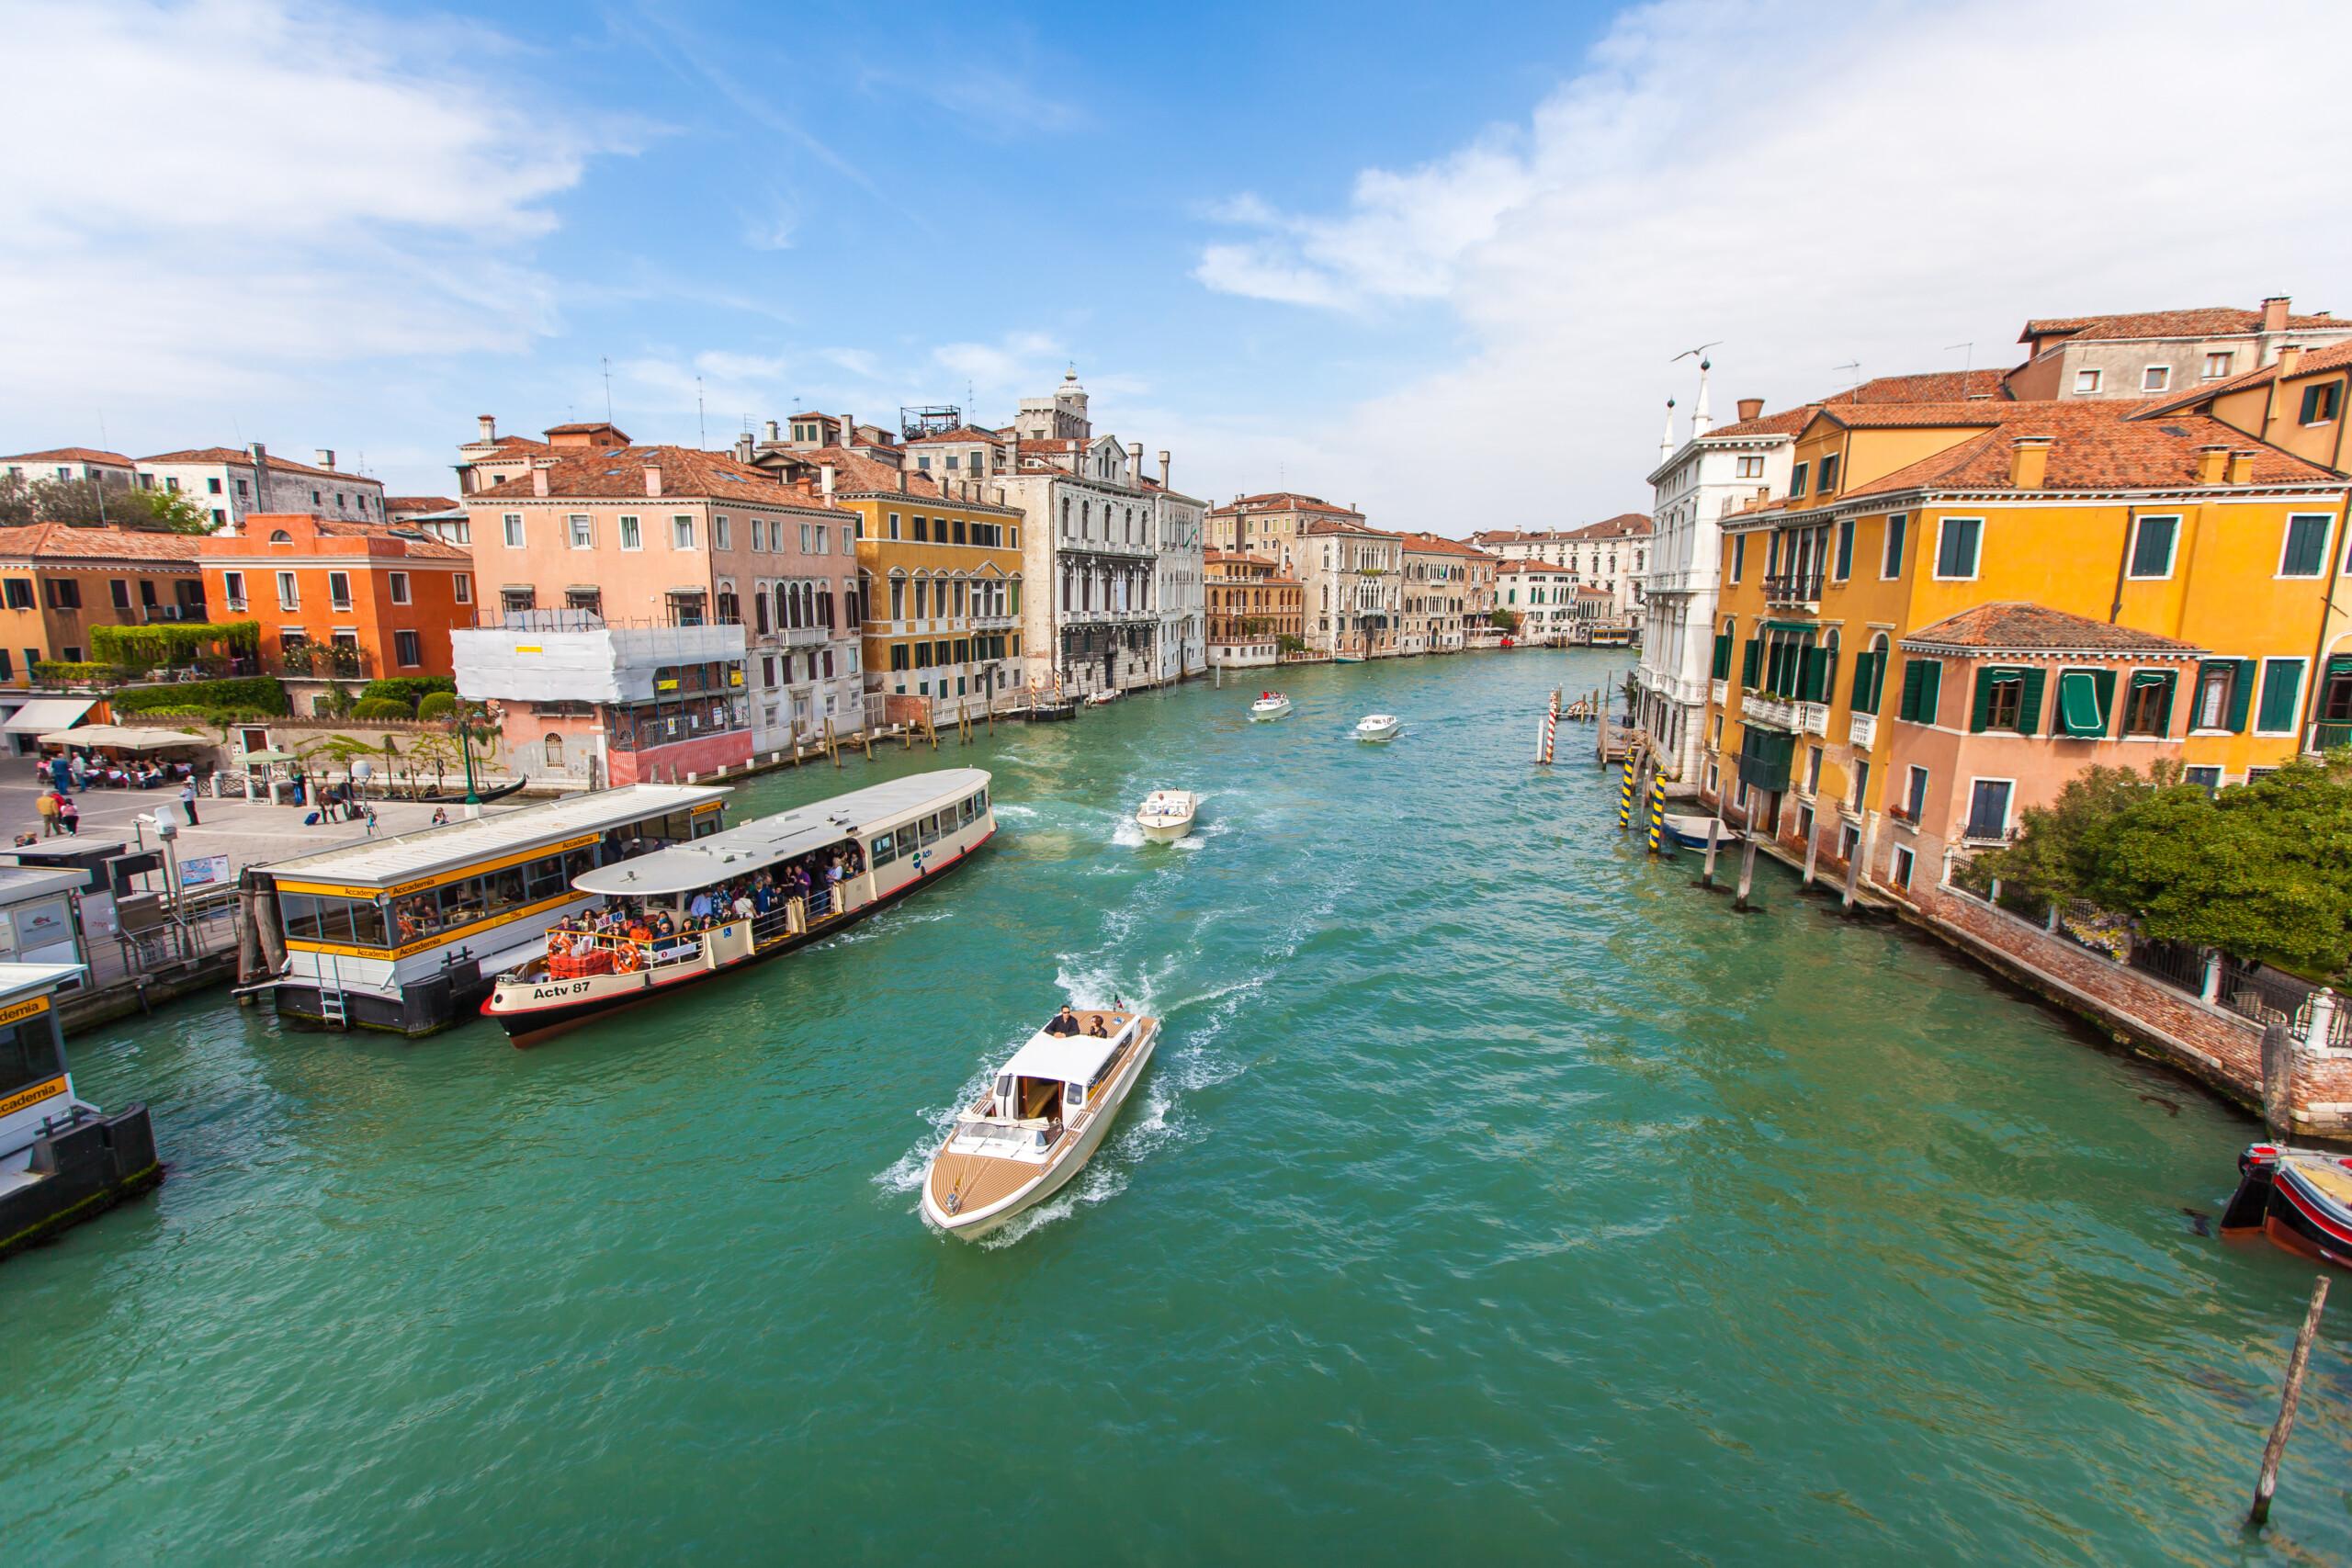 威尼斯大运河上的水上交通